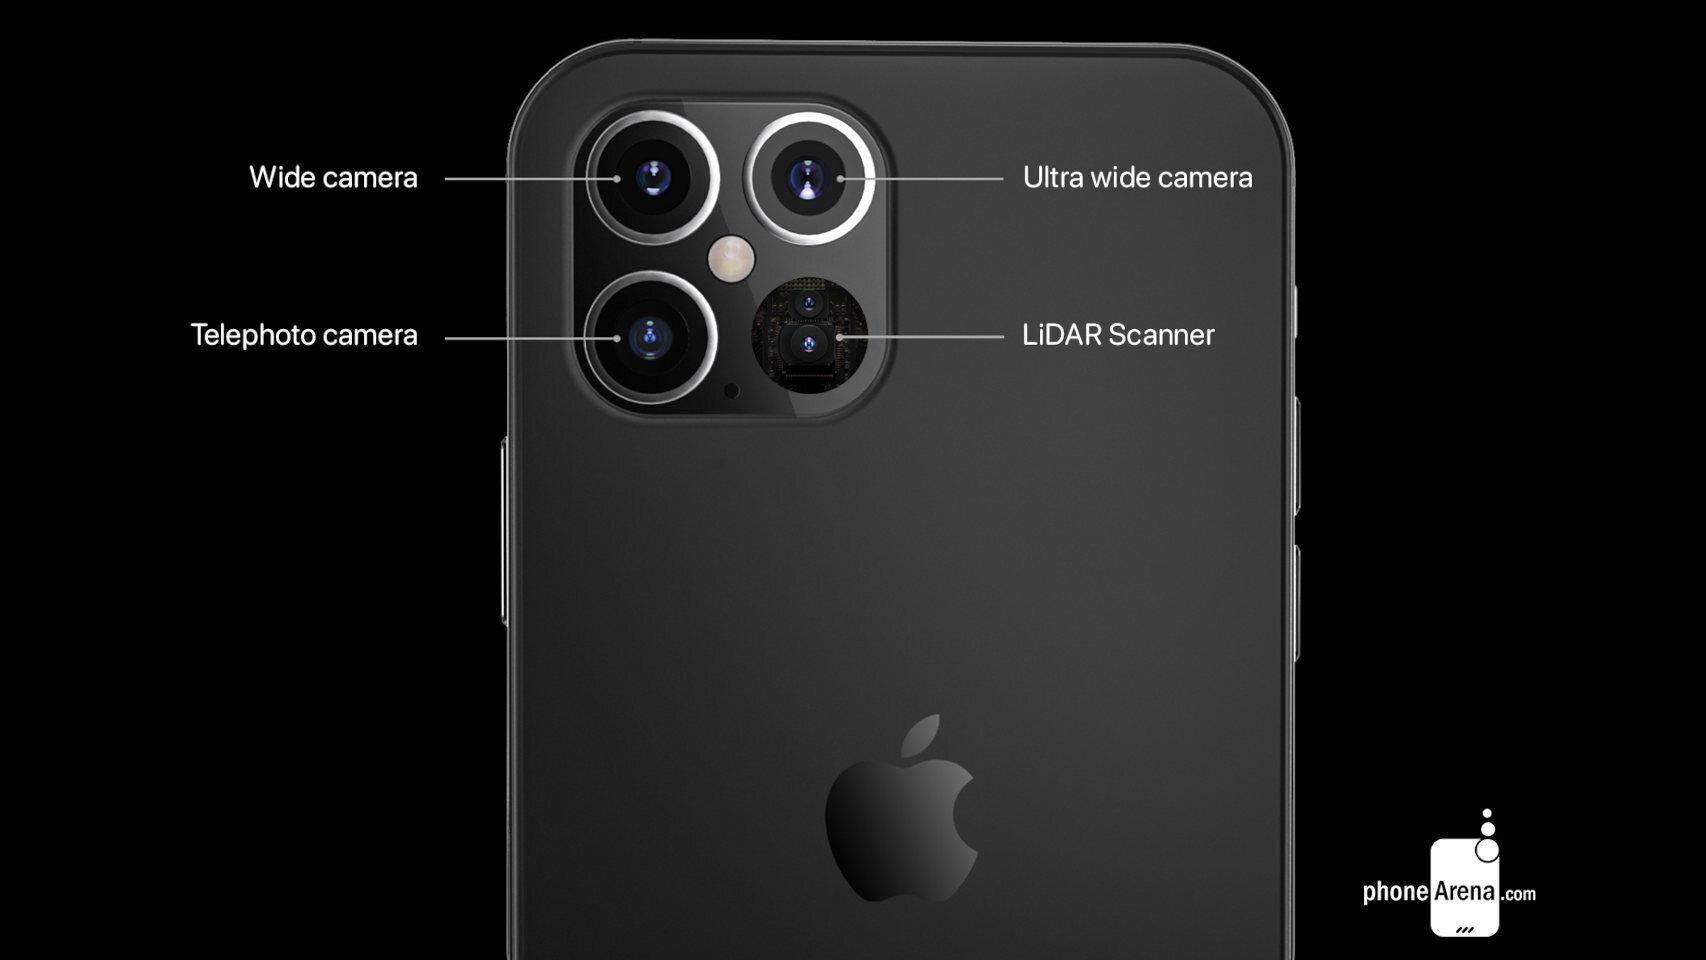 iPhone 12 de Apple: fecha de presentación, especificaciones, precios y todo lo que sabemos hasta ahora 36